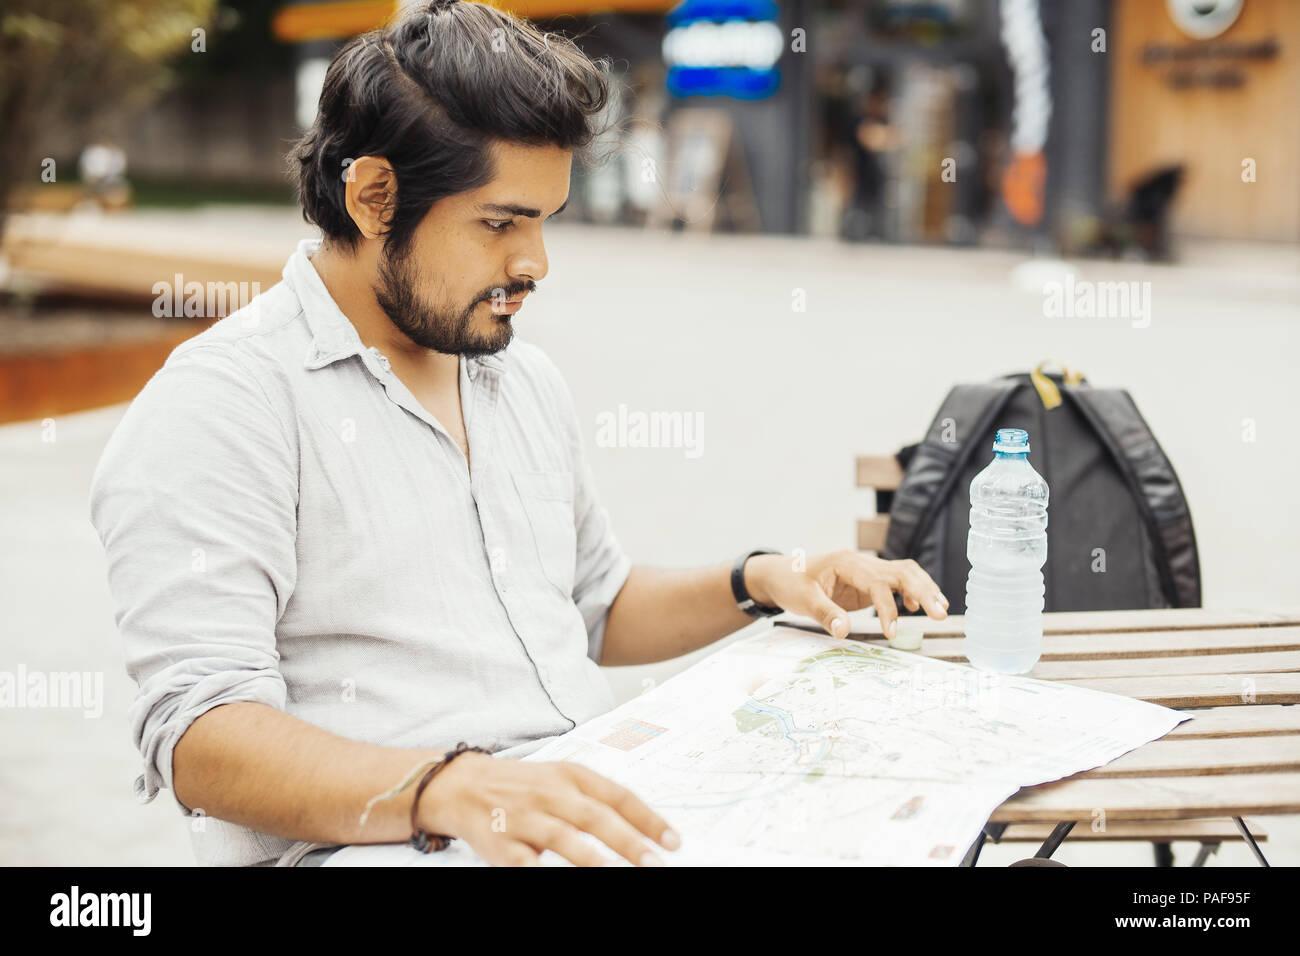 Hombre sentado en la cafetería de la calle y mirar el mapa. Junto al hombre es el agua embotellada. Imagen De Stock